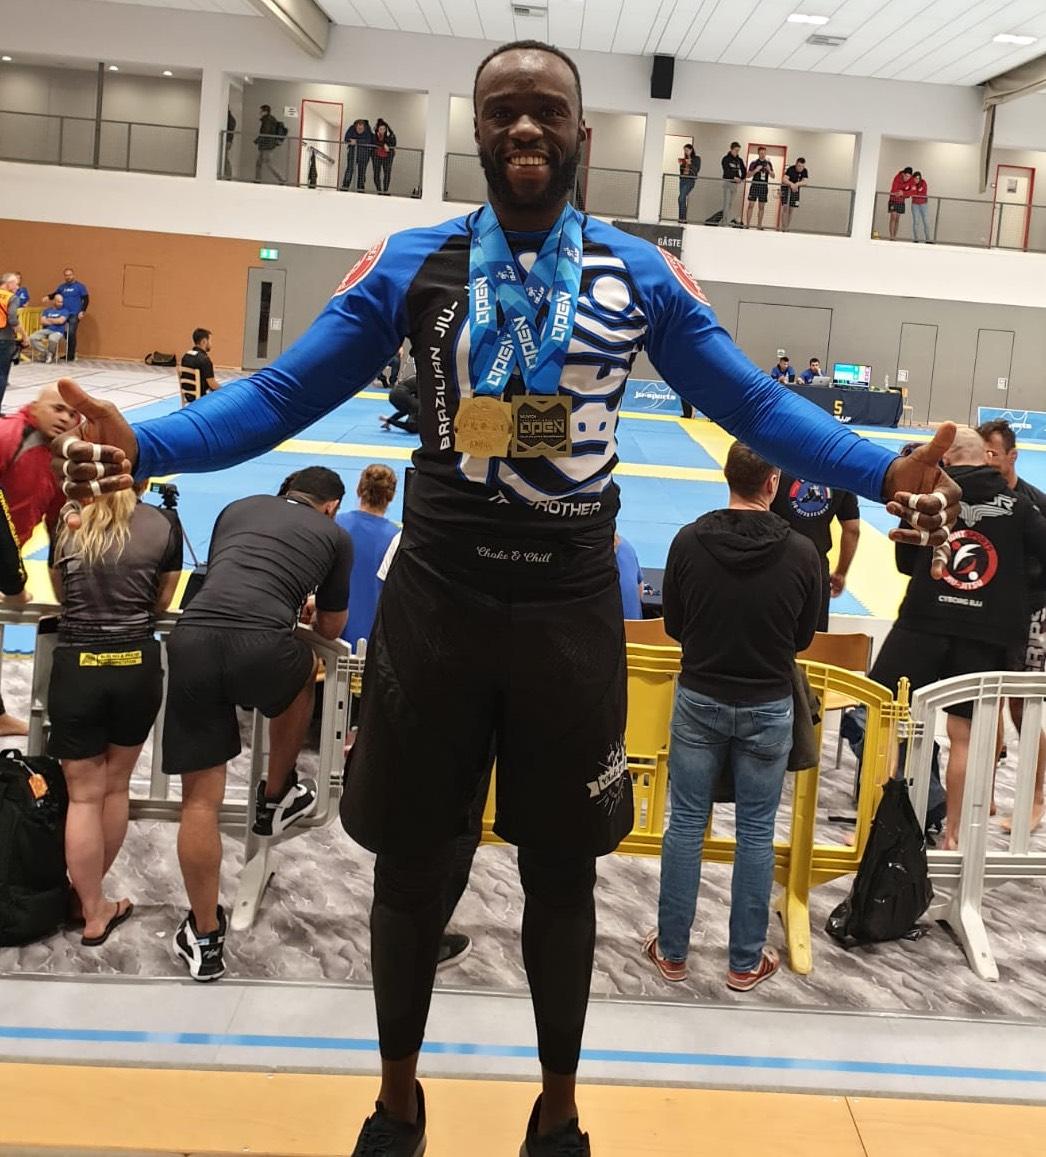 BJJ Medallien in München – Top Brother Deutschland Athleten kämpfen sich auf's Treppchen